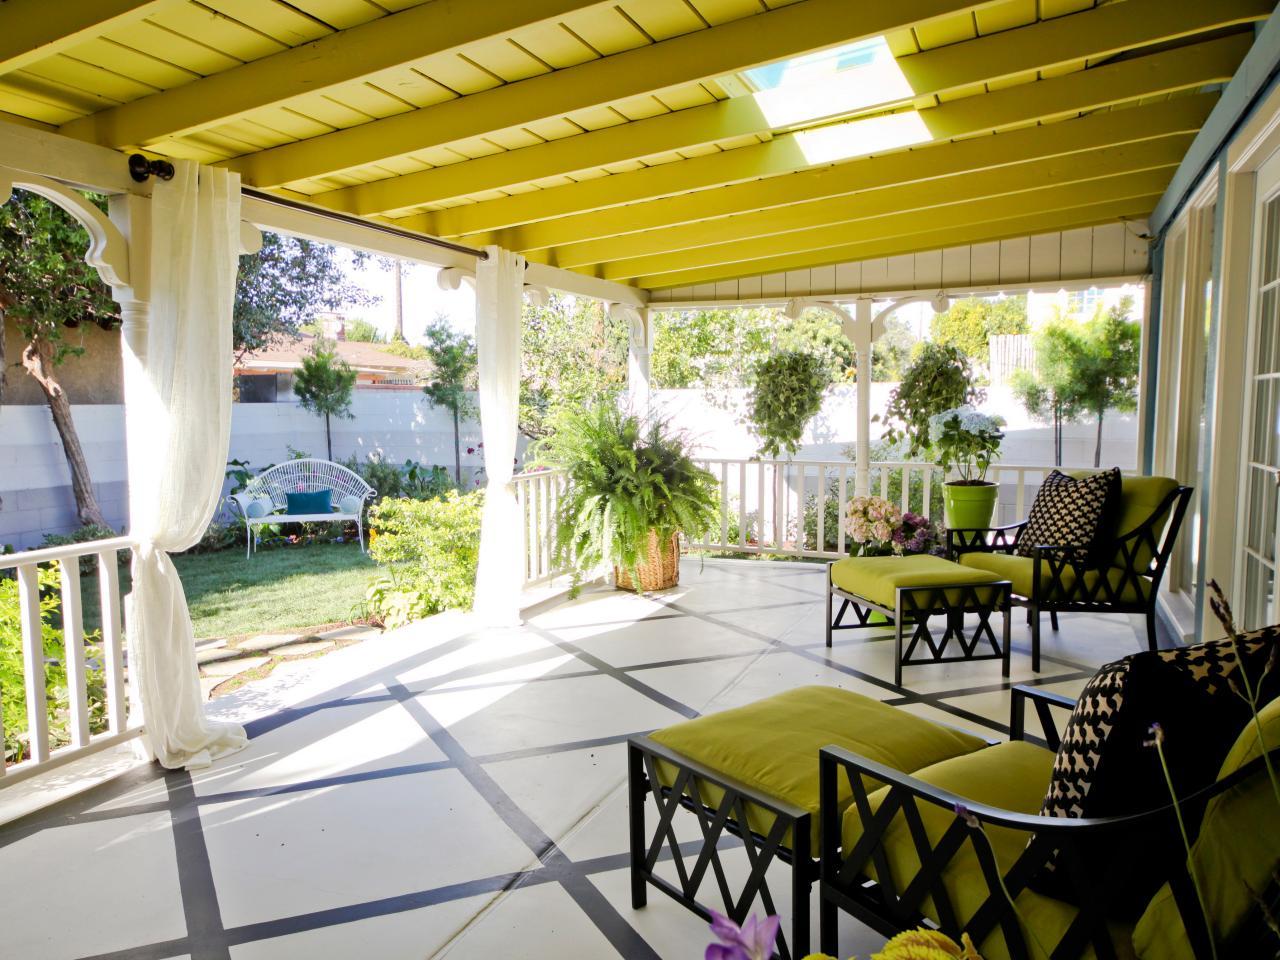 hgoyd105_chartruese-gölgeli-veranda-mobilya-jpg-rend-hgtvcom-1280-960